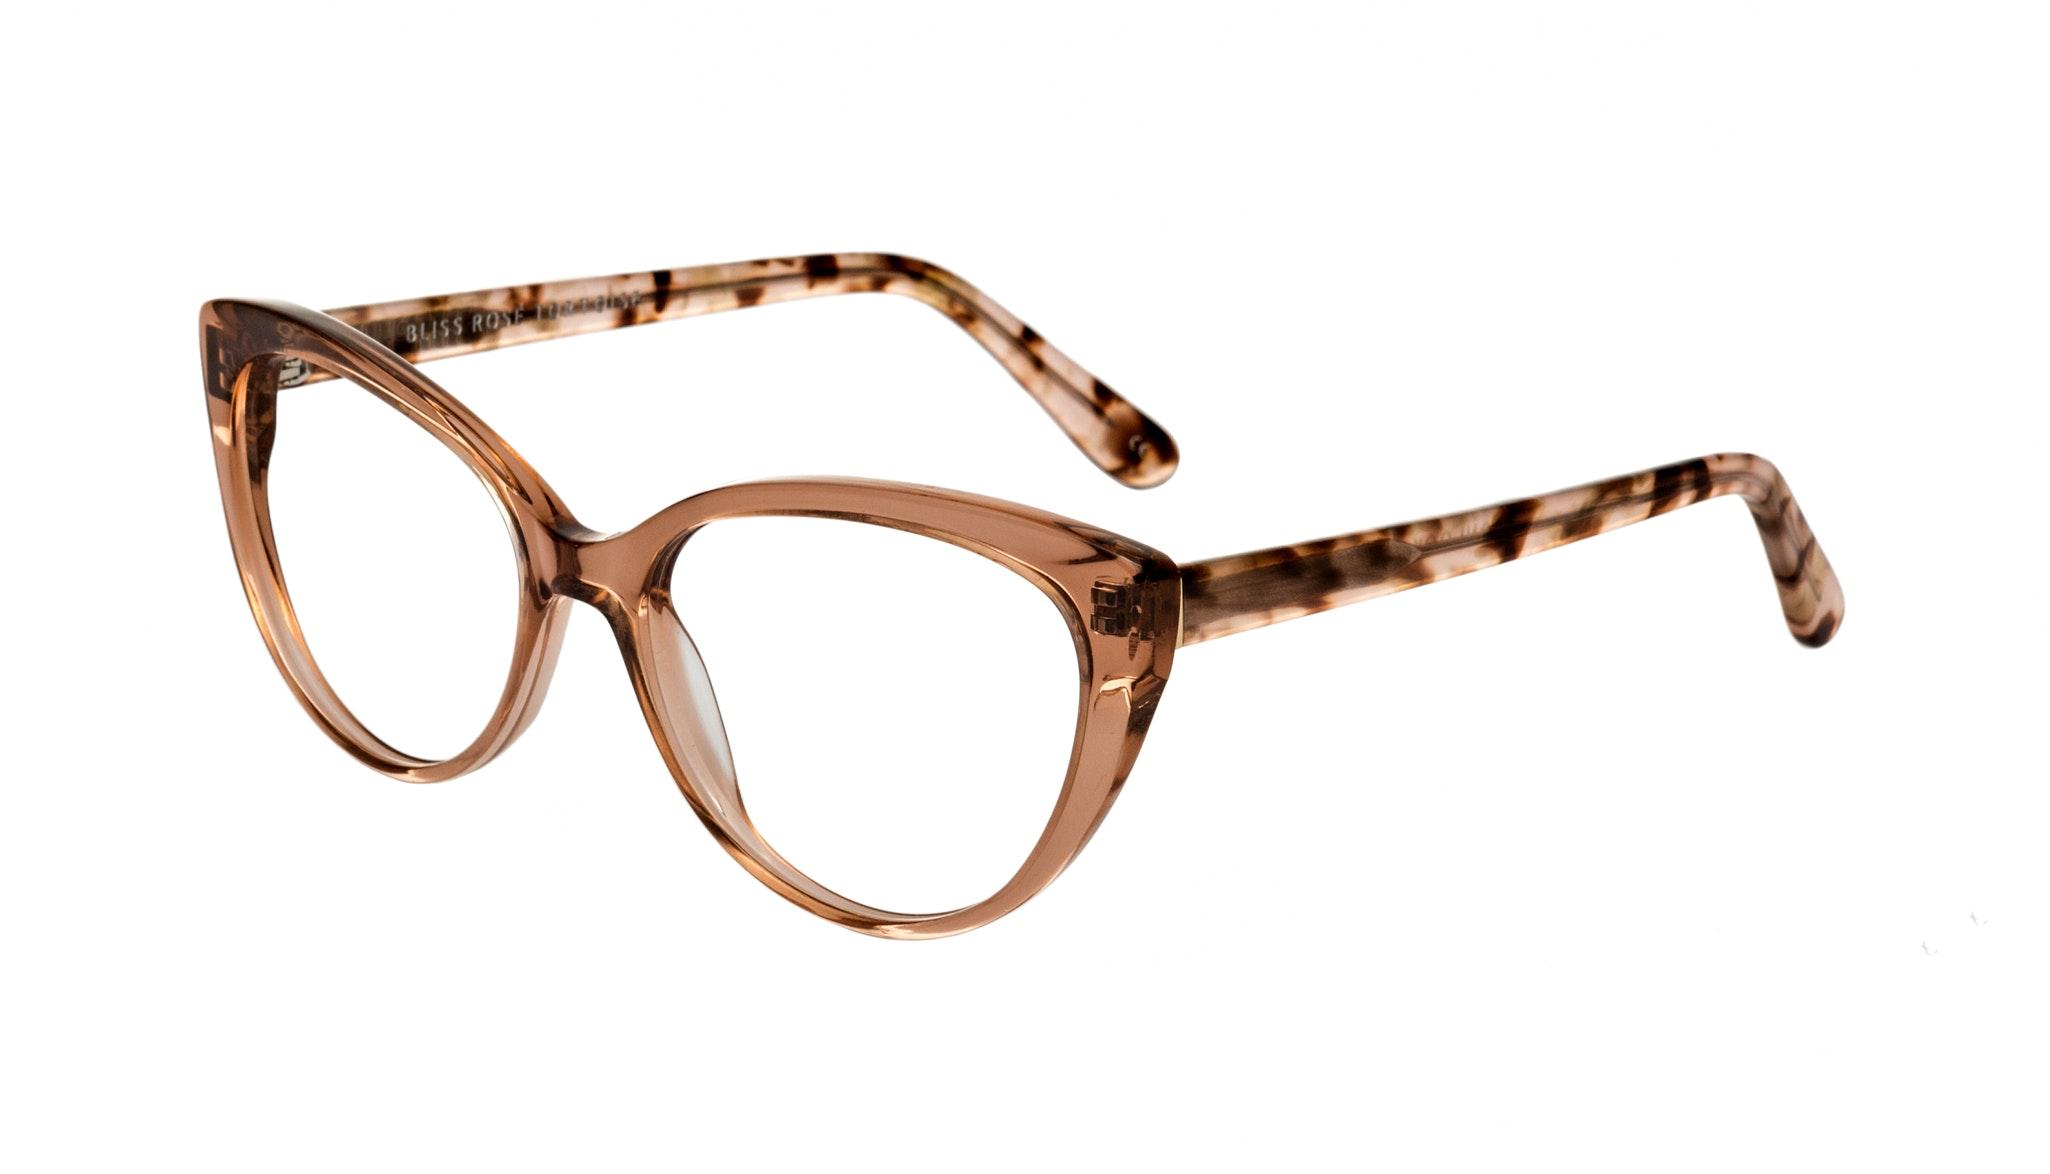 Affordable Fashion Glasses Cat Eye Eyeglasses Women Bliss Rose Tortoise Tilt